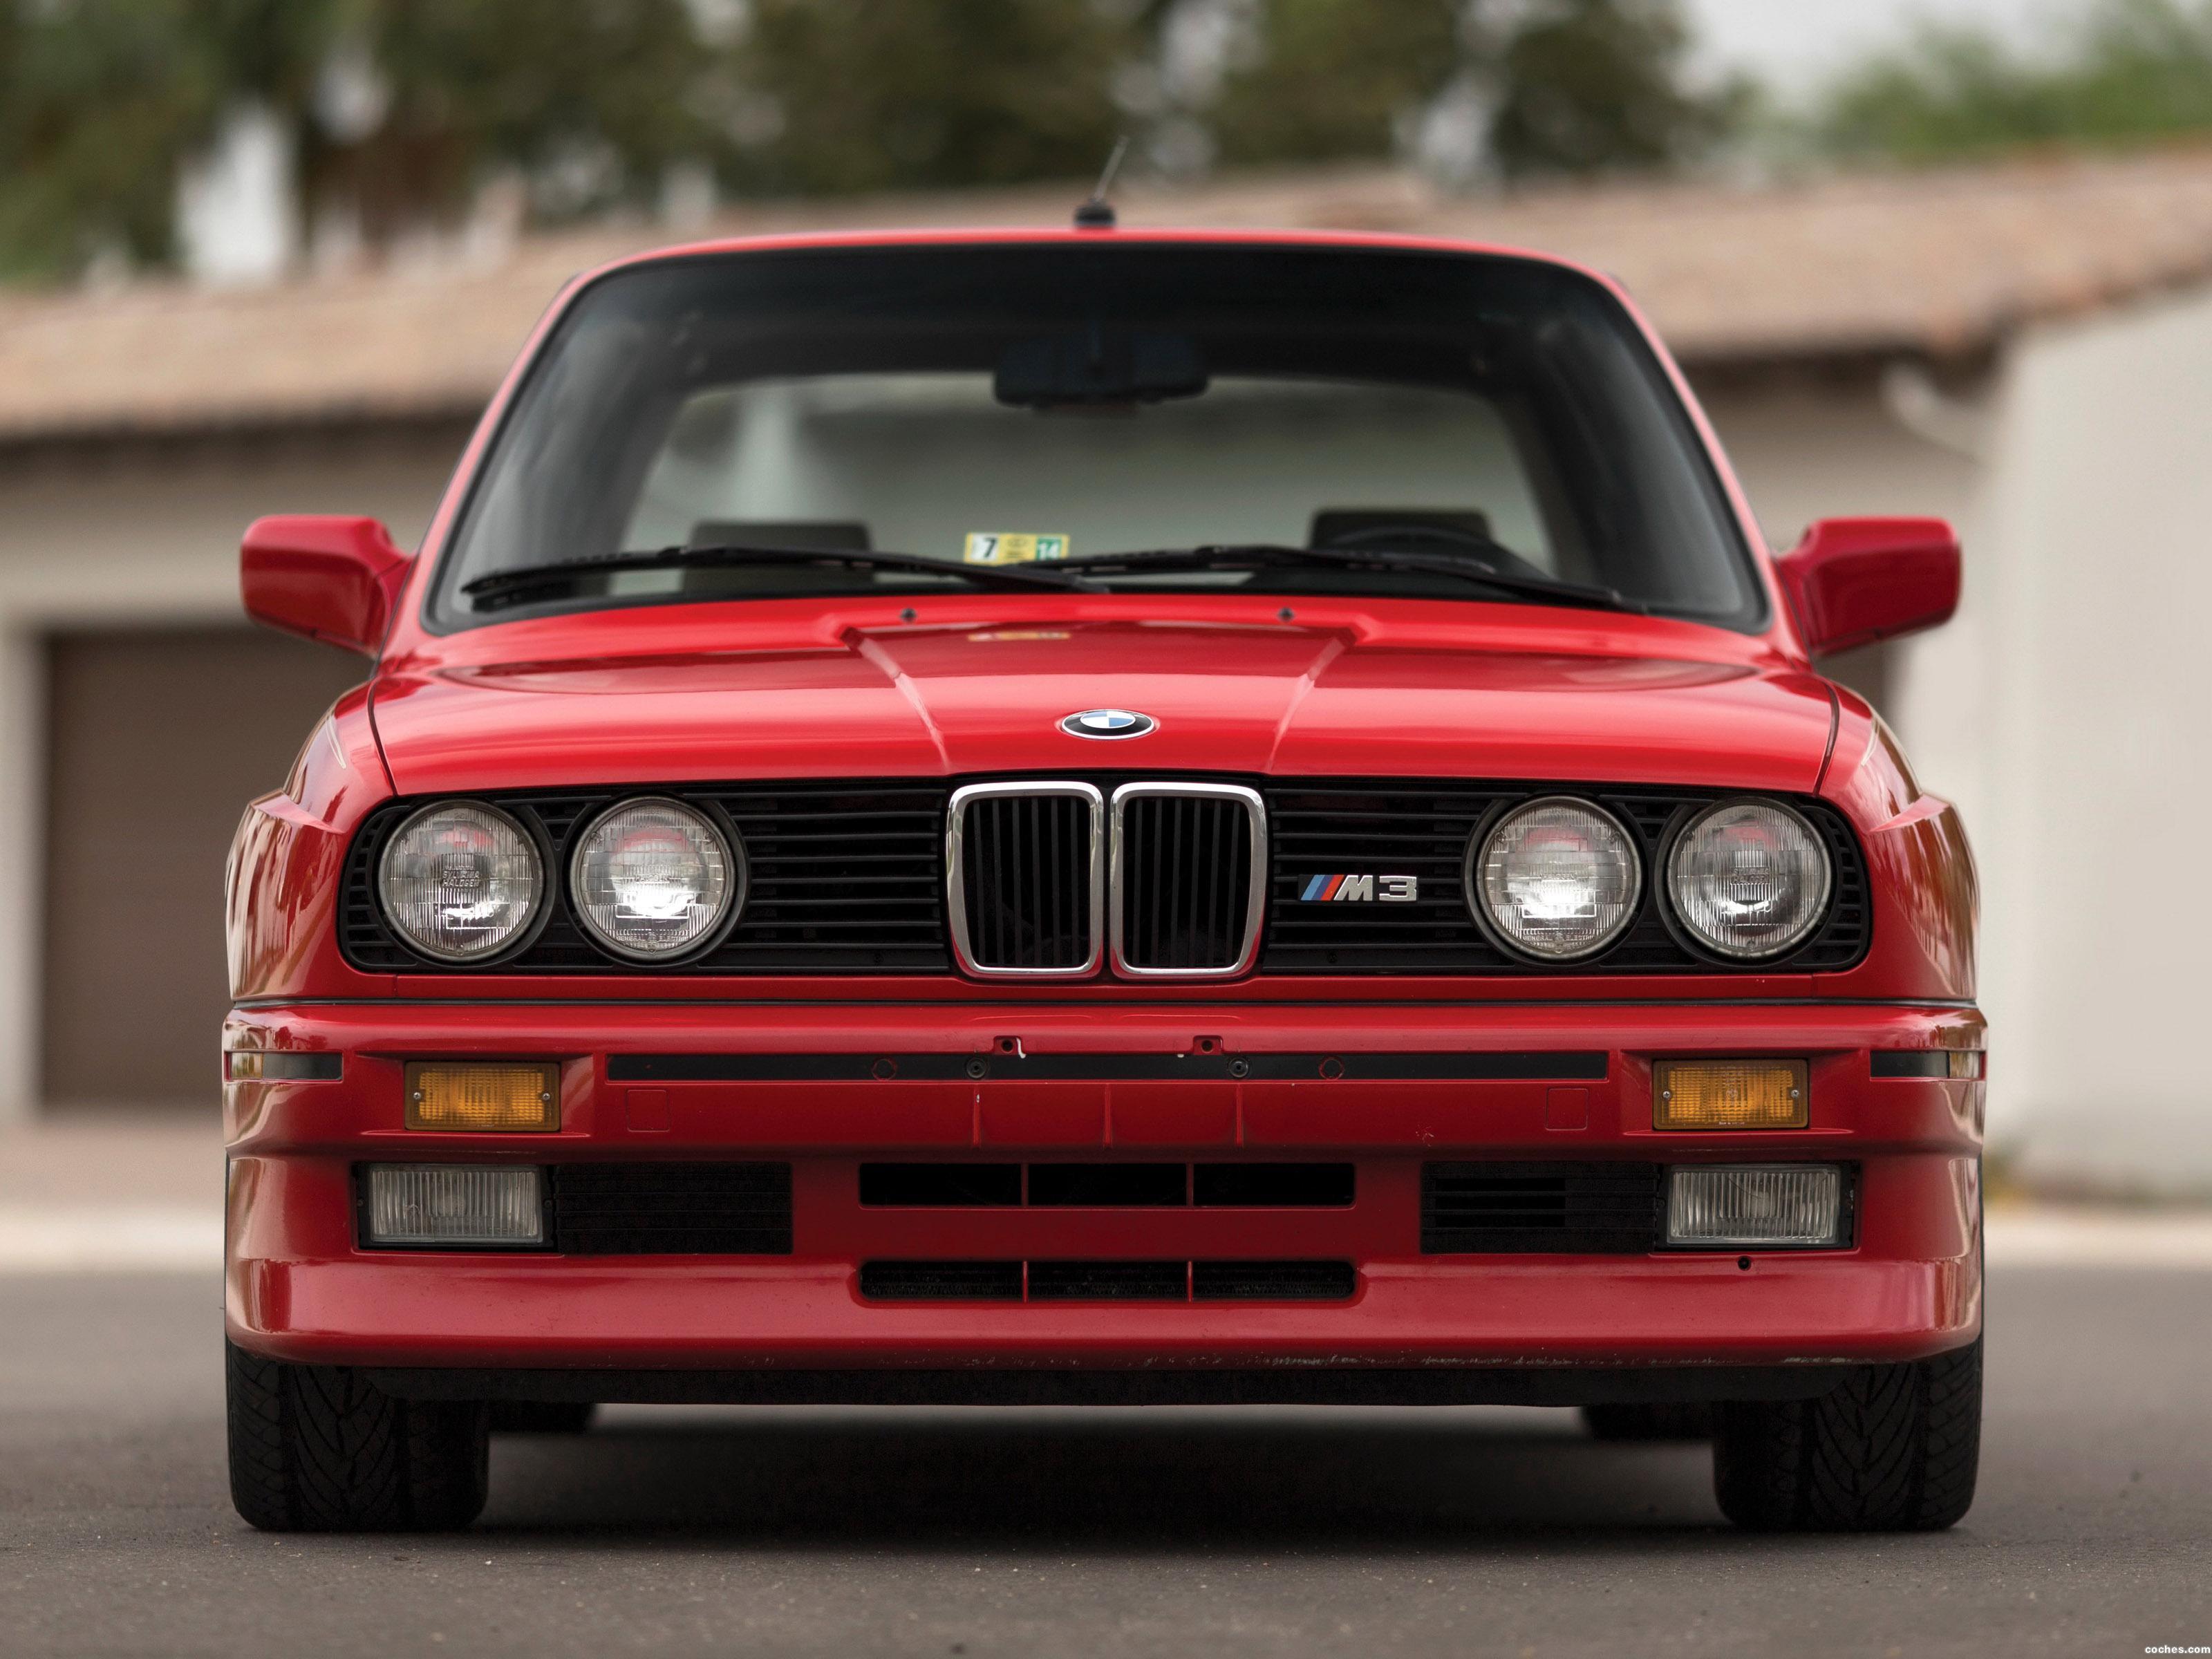 fotos de bmw m3 coupe e30 usa 1987 foto 5